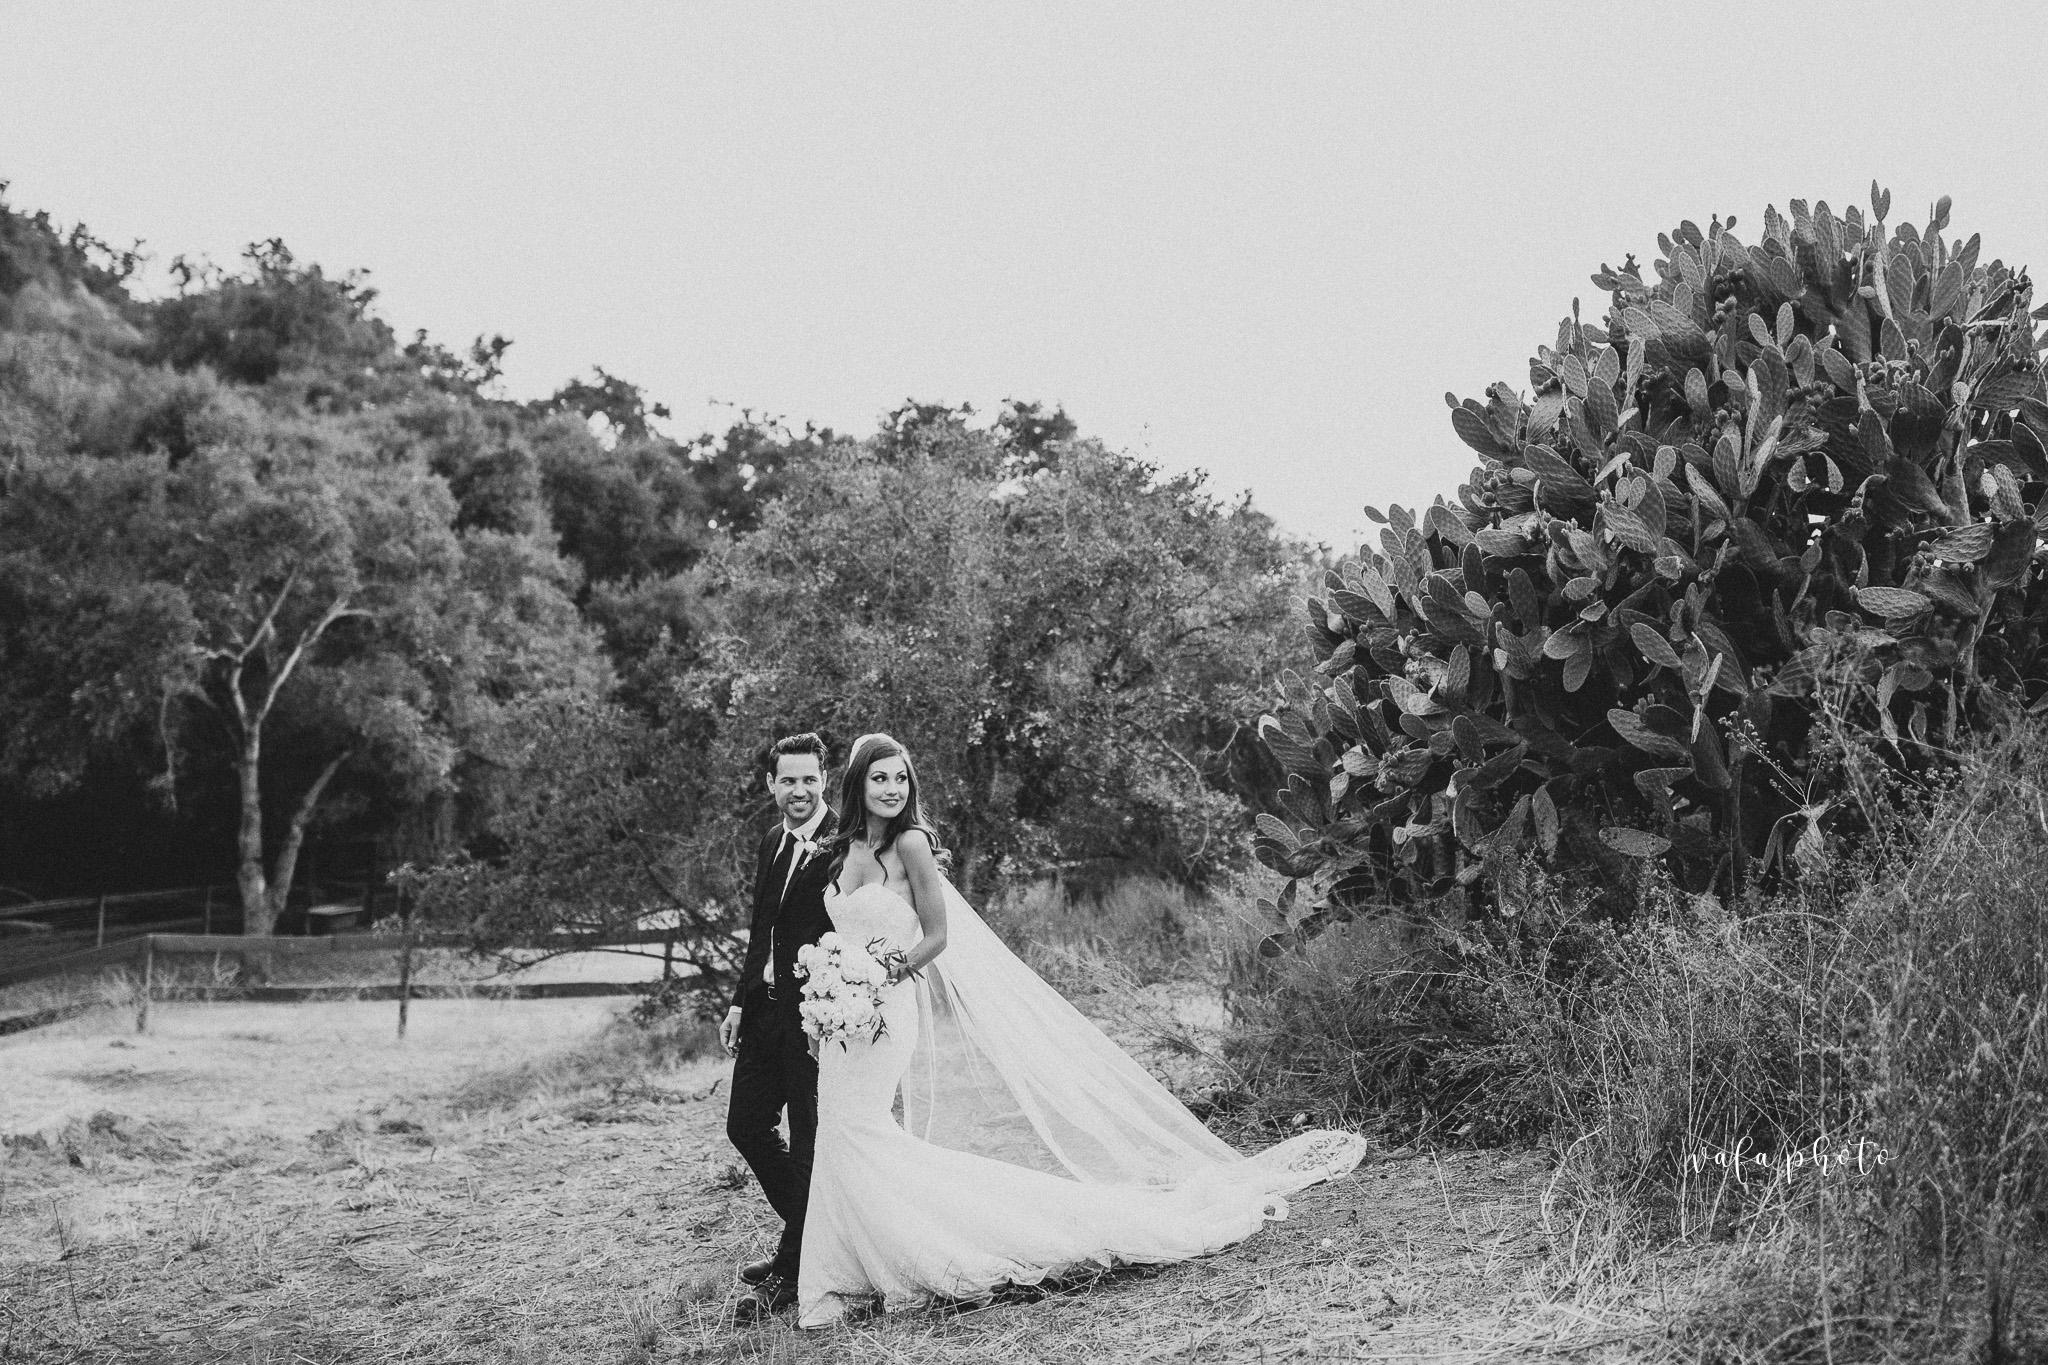 Southern-California-Wedding-Britt-Nilsson-Jeremy-Byrne-Vafa-Photo-633.jpg